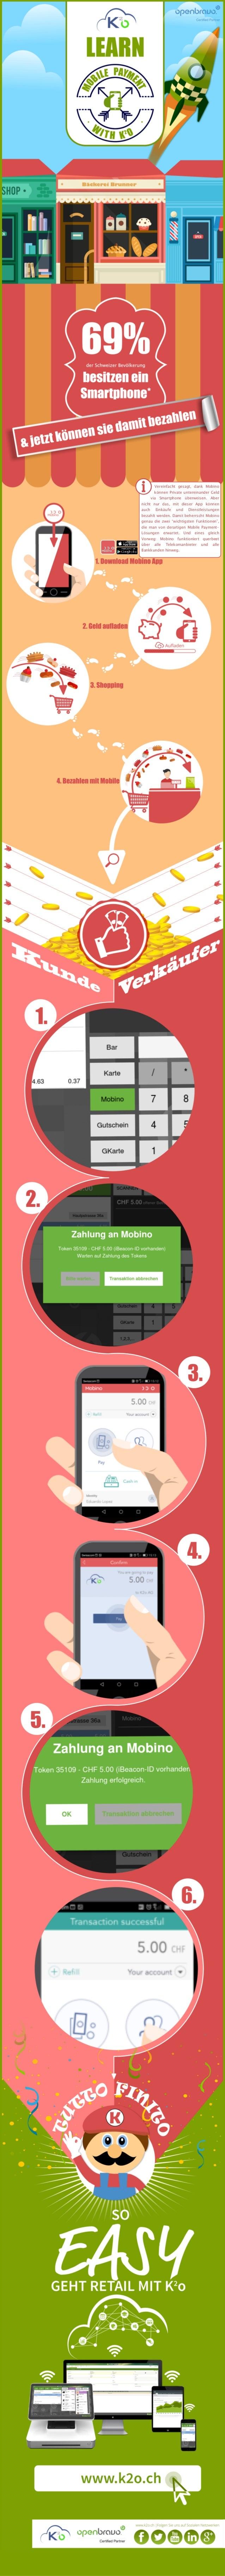 Vereinfacht gesagt, dank Mobino können Private untereinander Geld via Smartphone überweisen. Aber nicht nur das, mit diese...